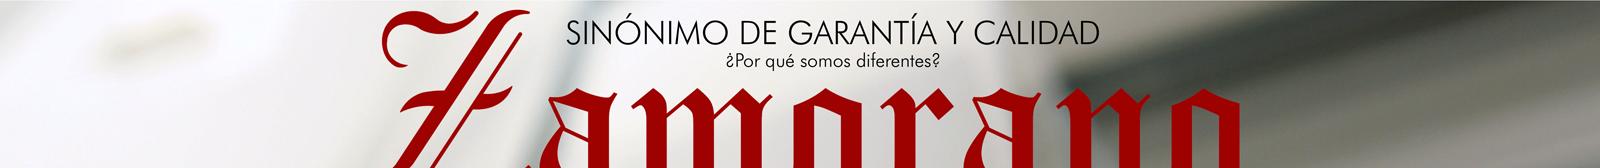 Ventanas de PVC Zamorano Garantía y Calidad